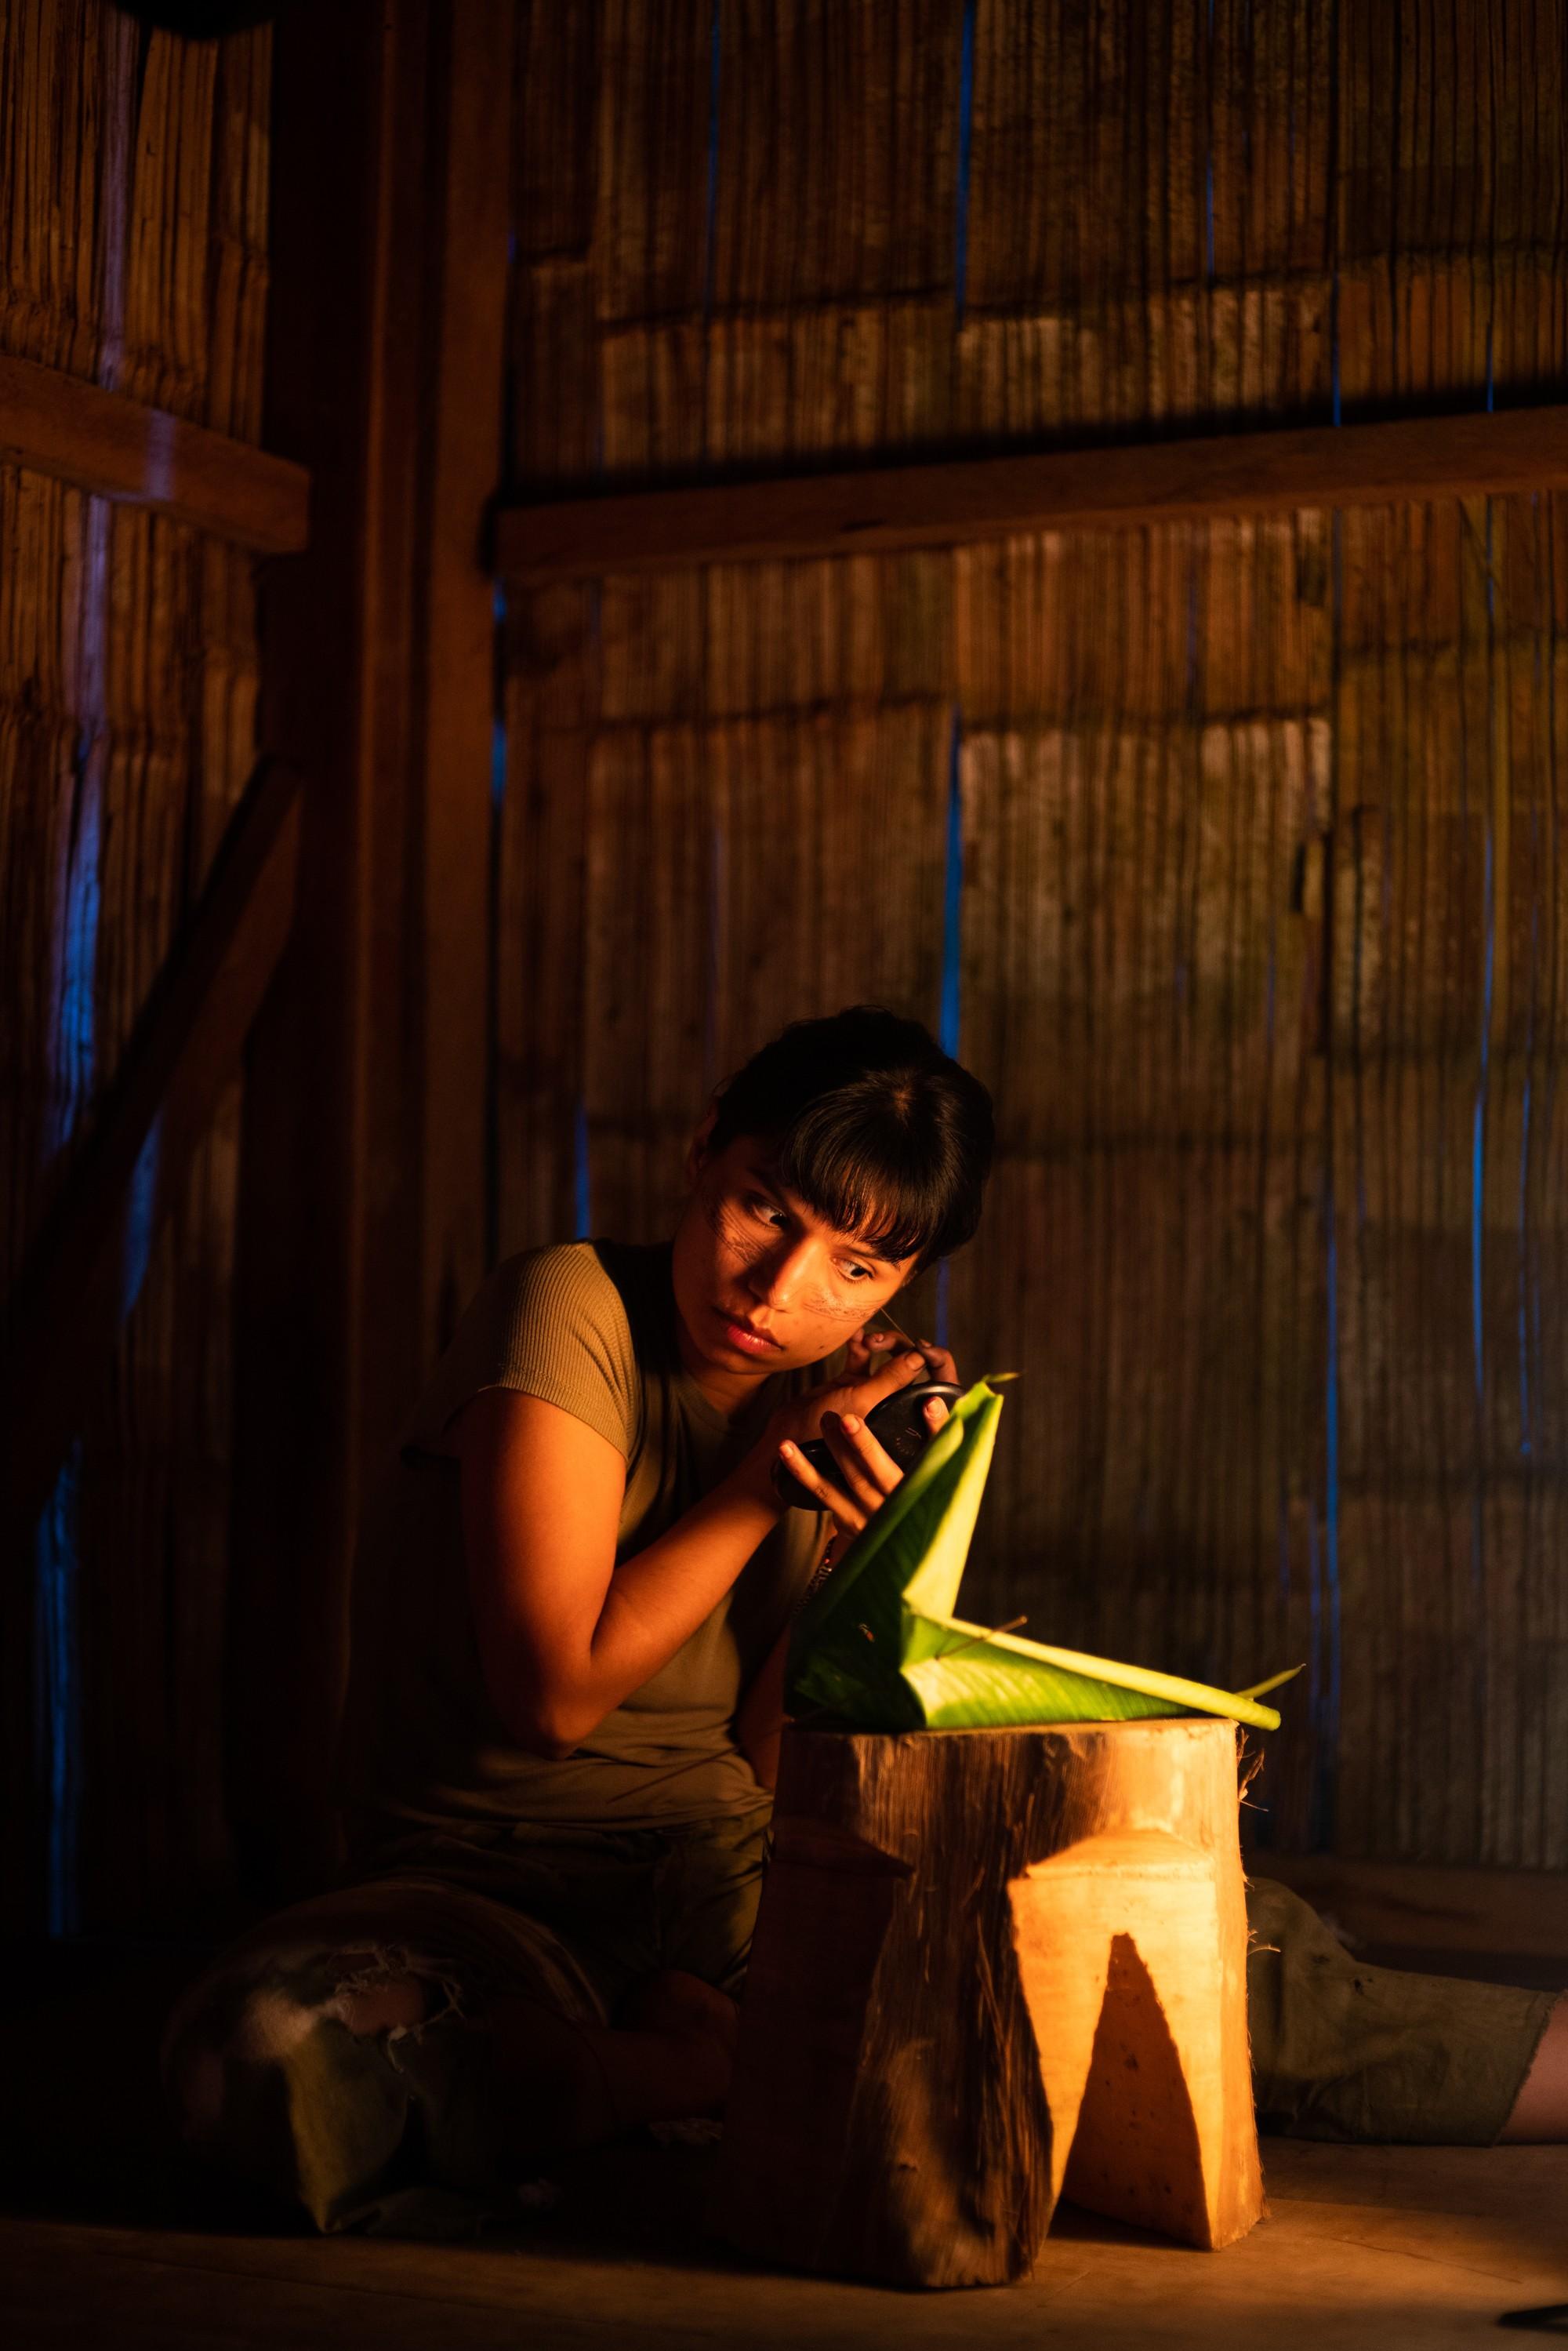 Nina aplica a wituk jawirina (tinta tradicional) em casa em Sarayaku, território Kichwa no Amazônia equatoriana, em preparação para um encontro de mulheres indígenas (Foto: Alice Aedy)